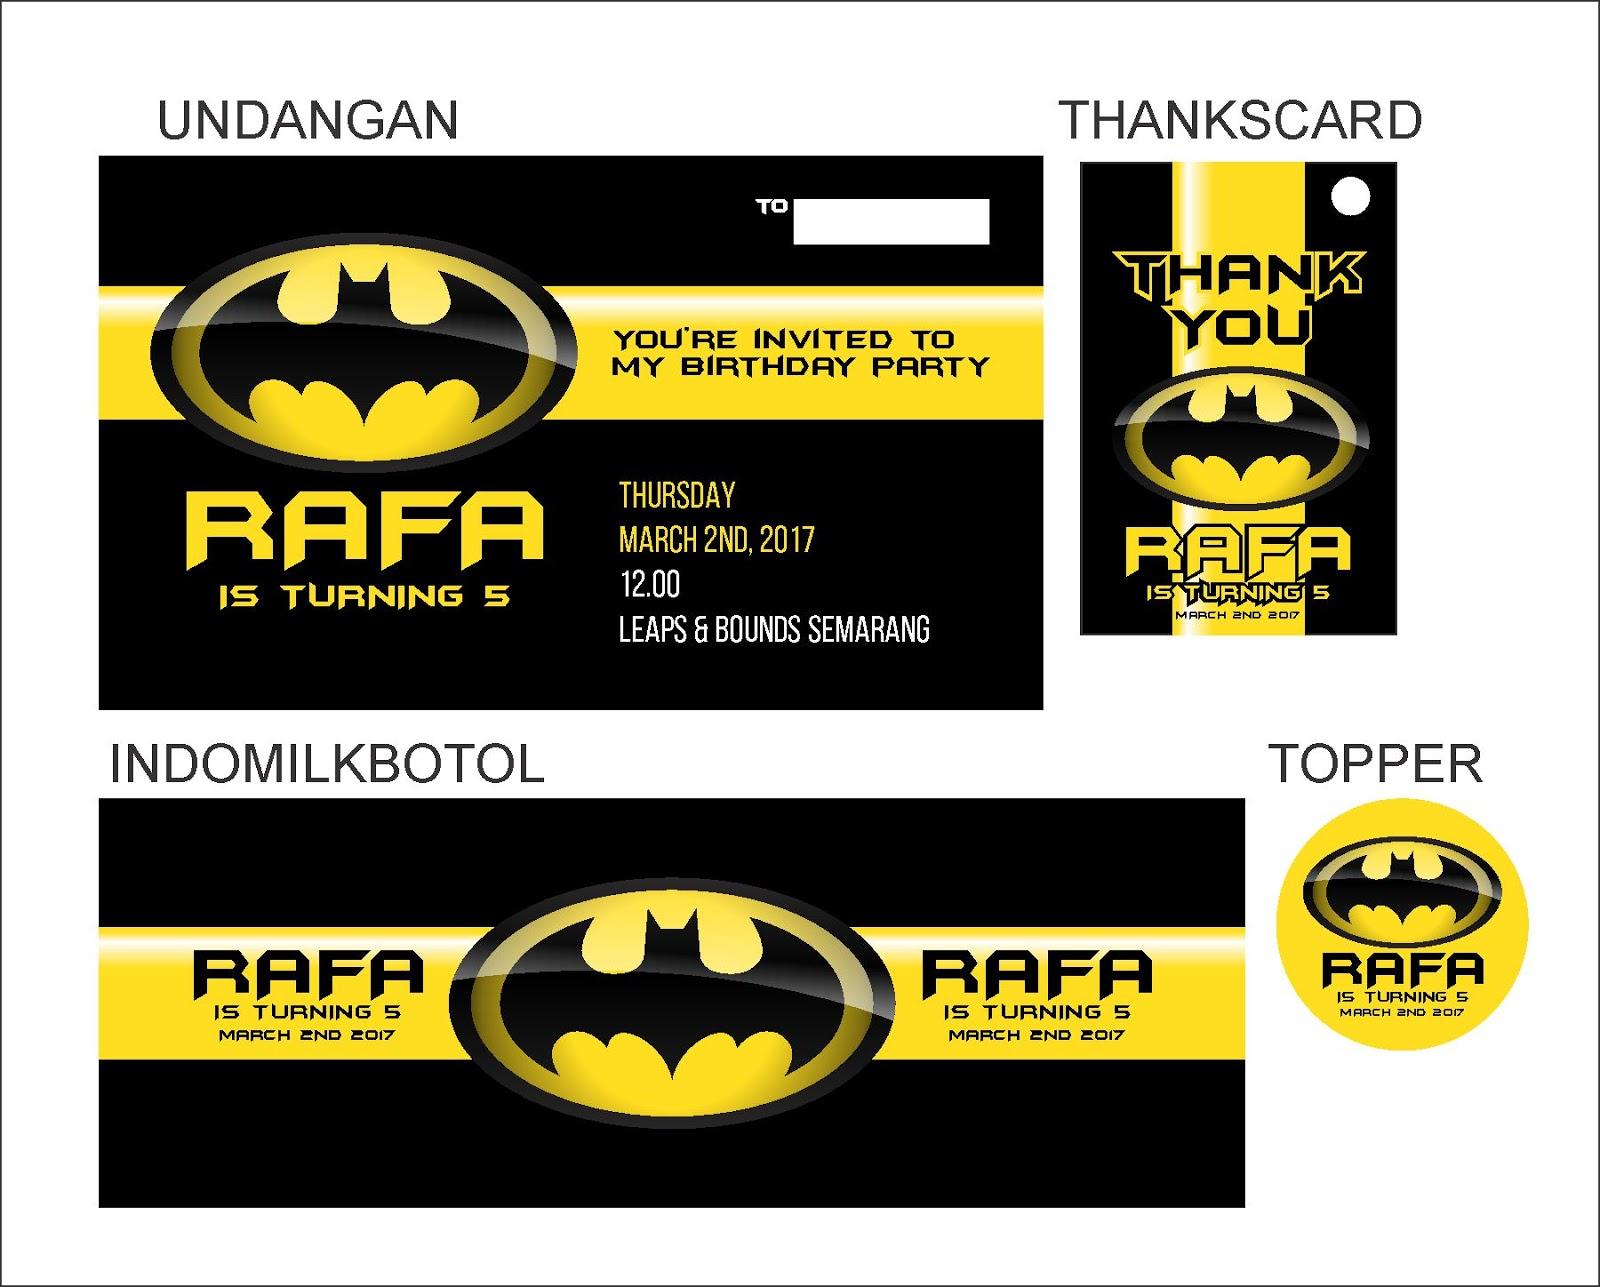 Ataro Designs Label Stiker Undangan Tas Backdrop